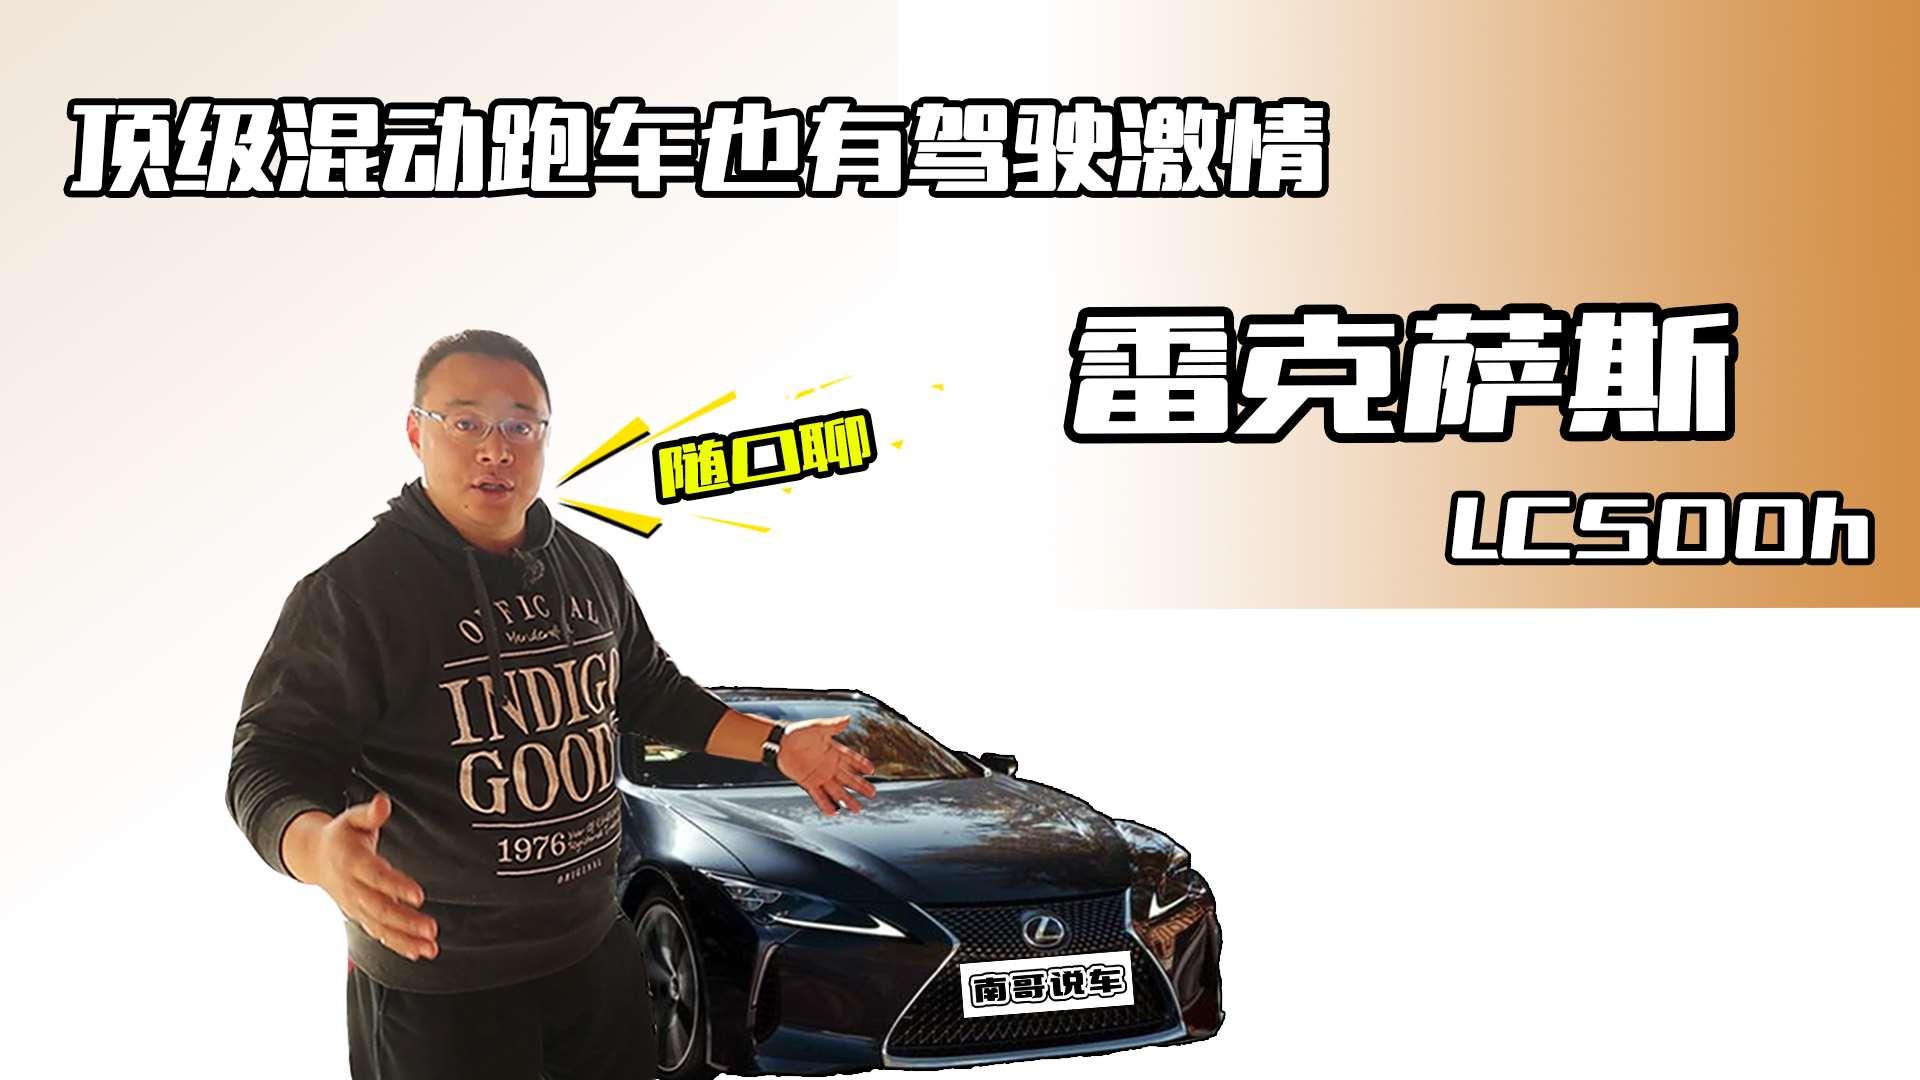 顶级混动跑车的驾驶乐趣,随口聊我的新玩具LC500h